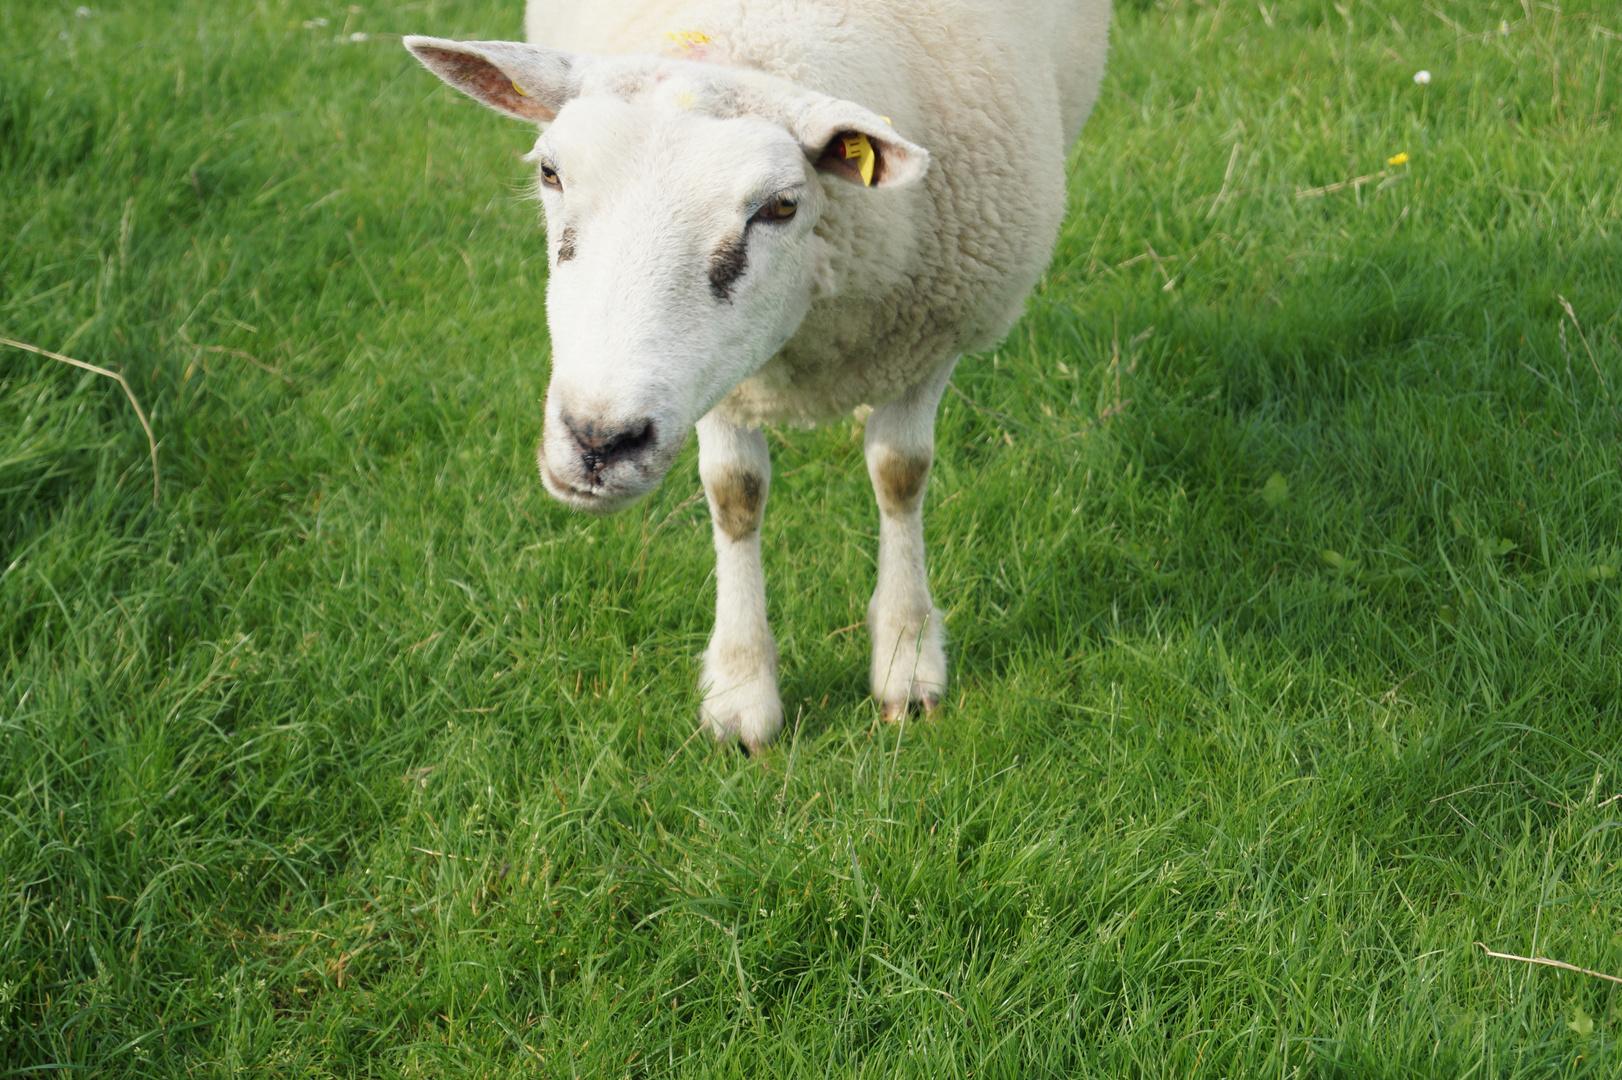 Ich bat das Schaf, mal ein blödes Gesicht für mich zu machen